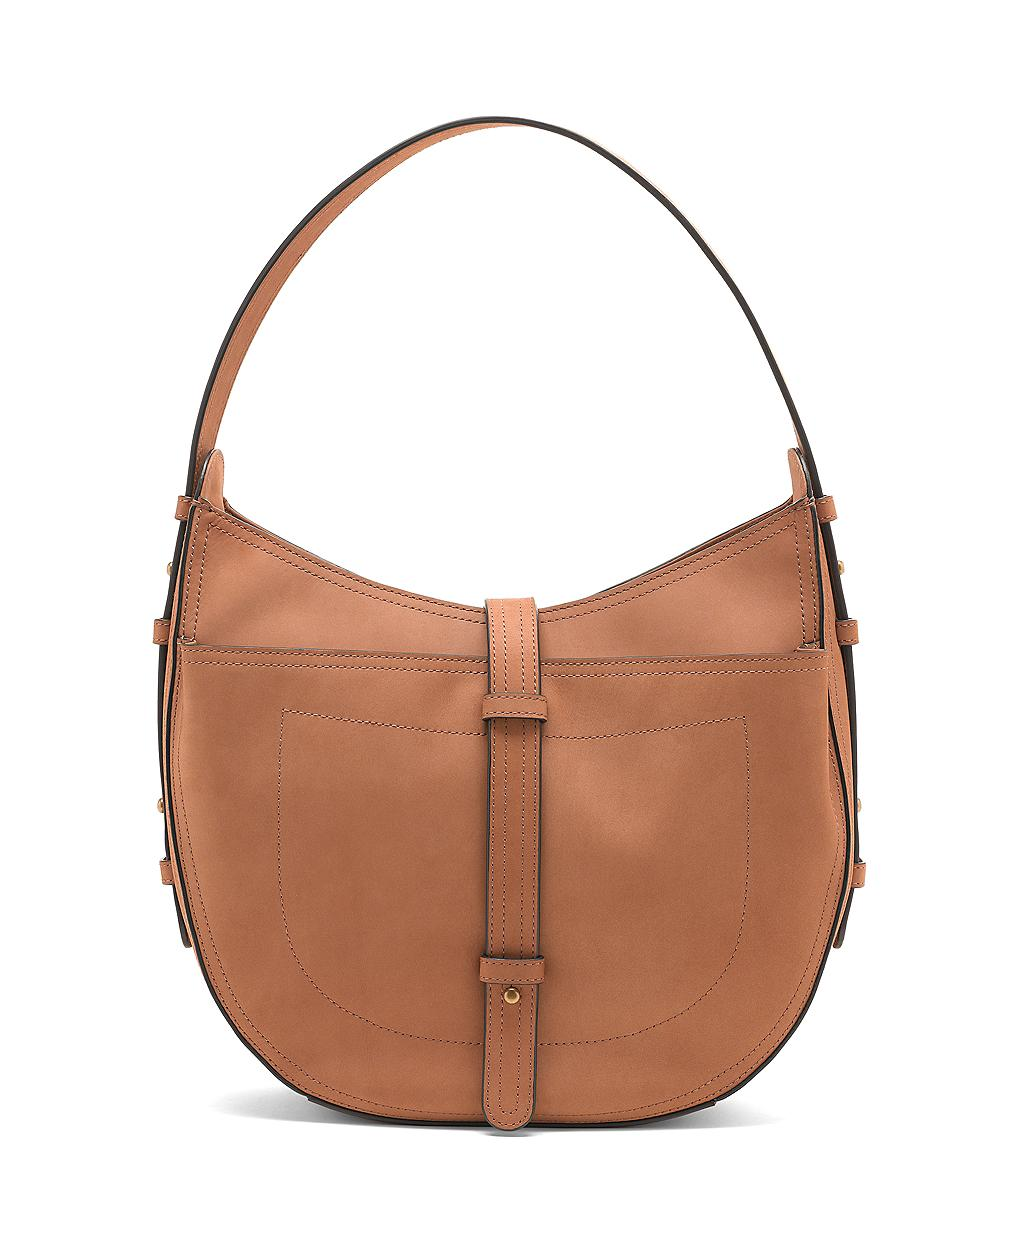 Brooks Brothers Brown Nubuck Large Hobo Bag